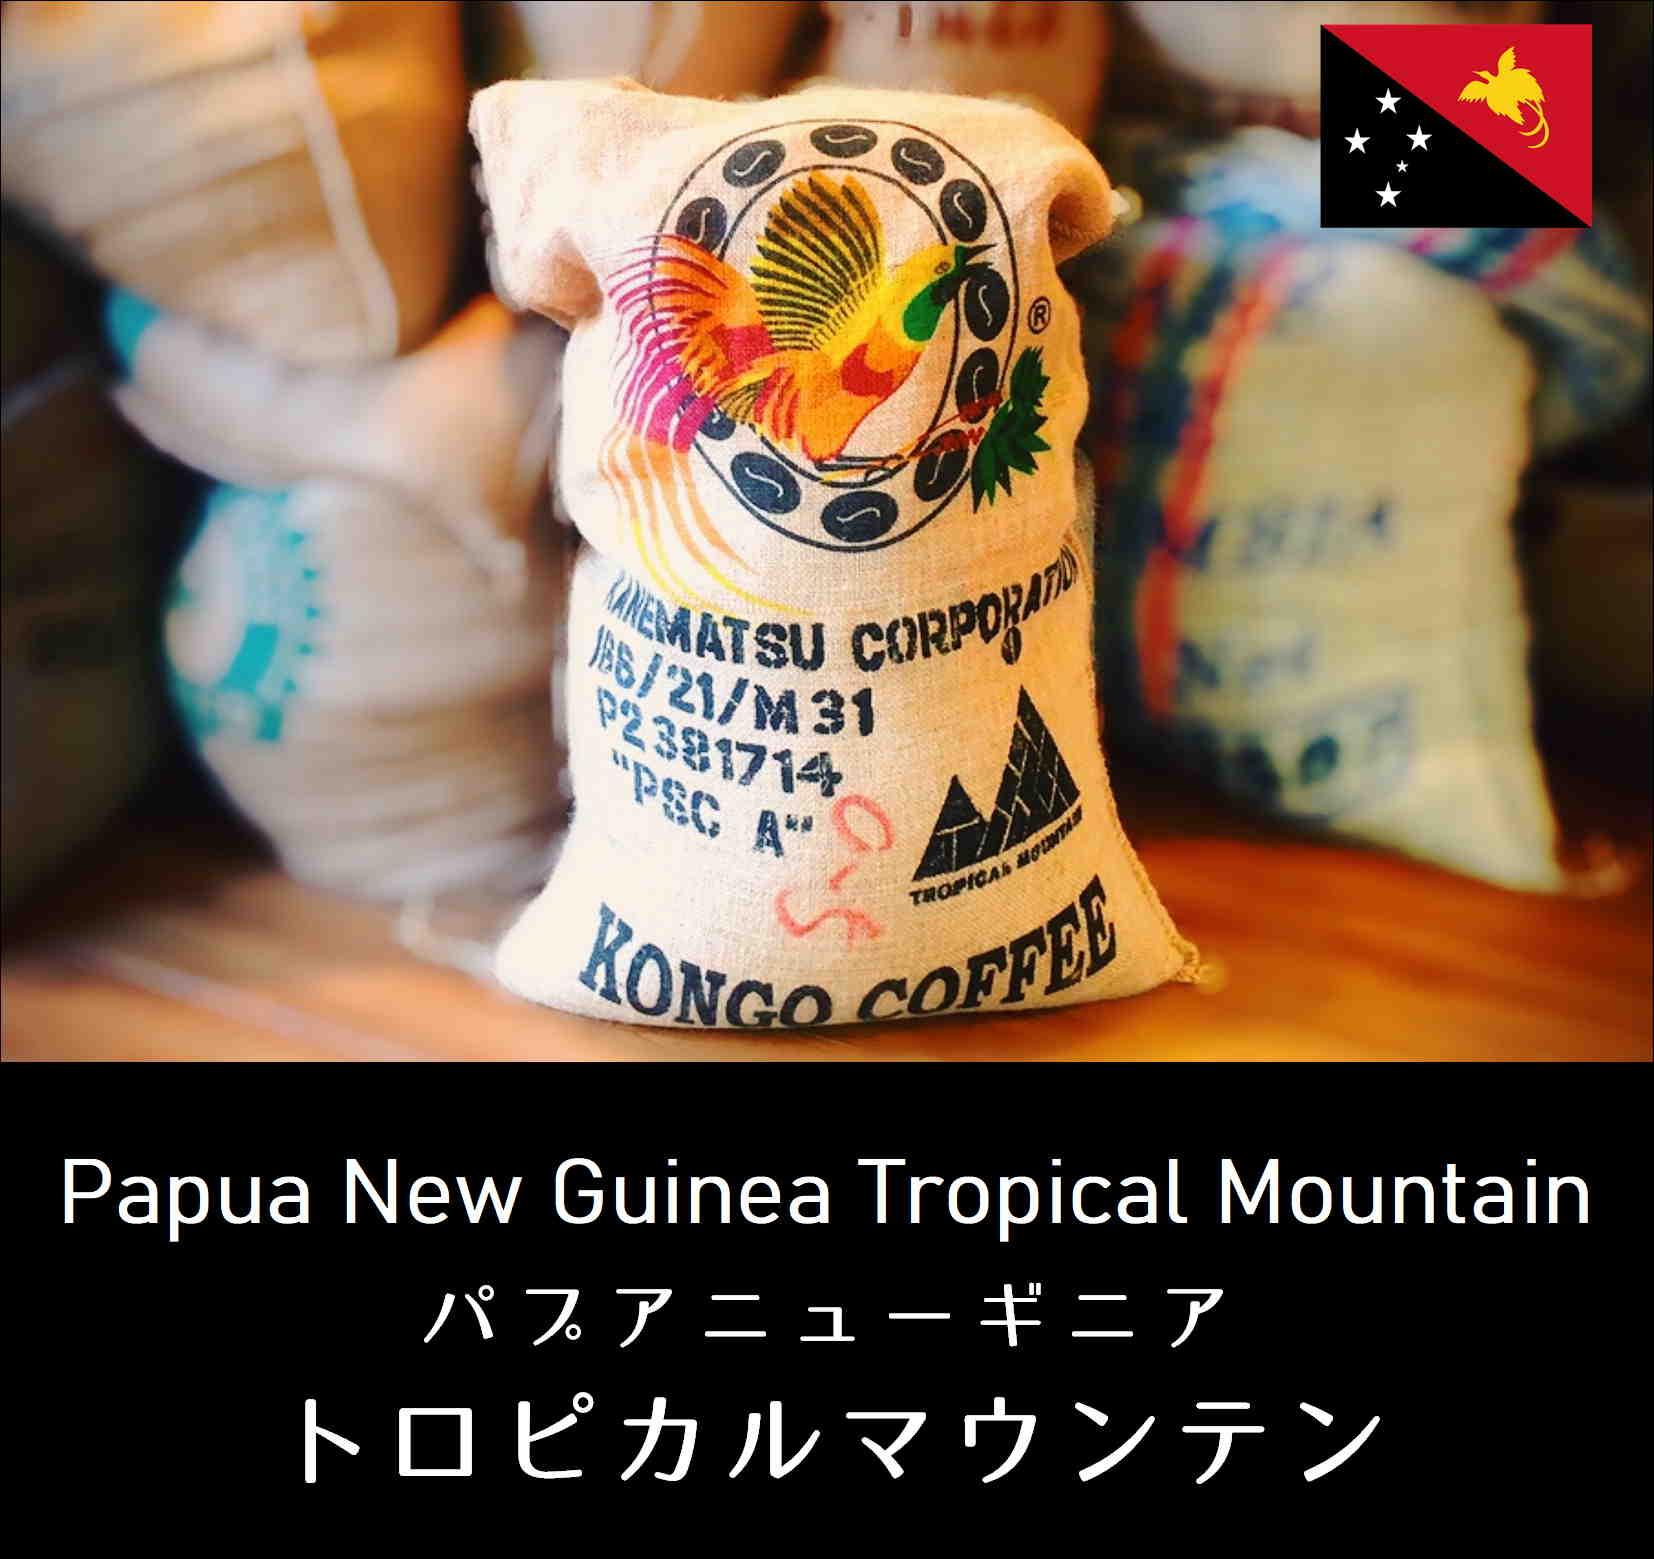 パプアニューギニアTM